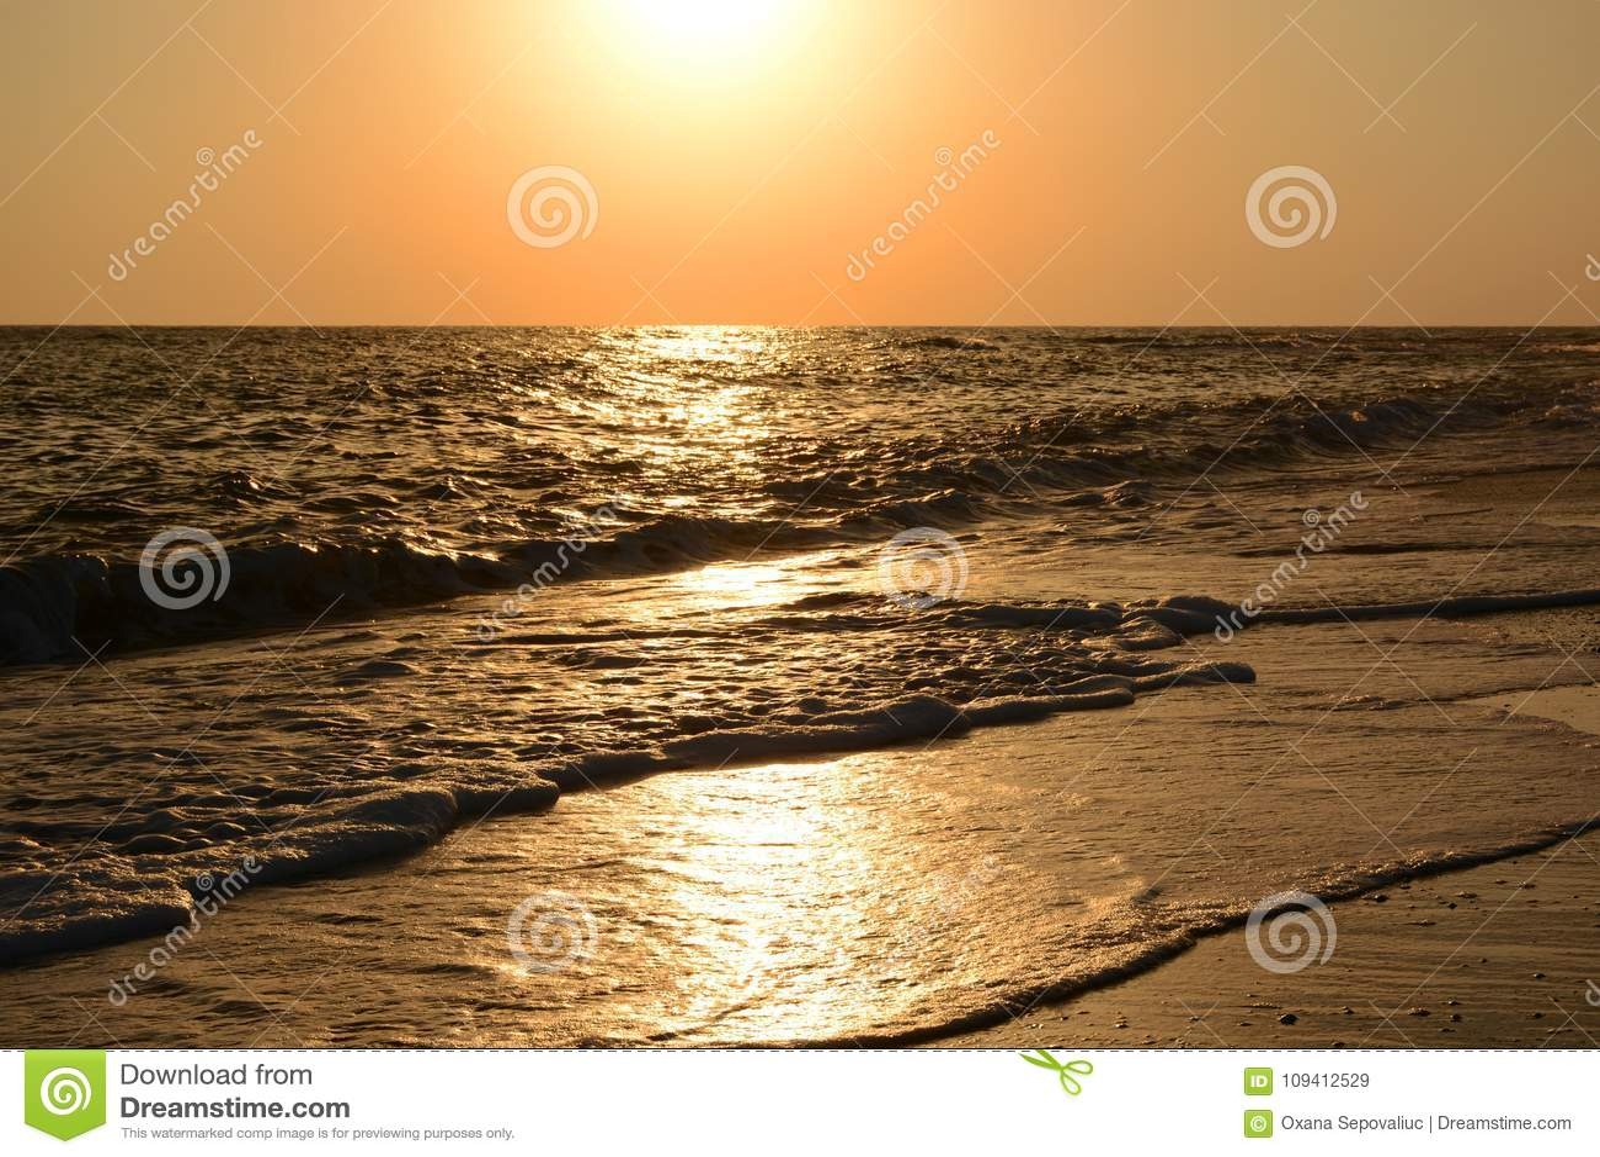 Słoneczna ścieżka na morzu przy zmierzchem